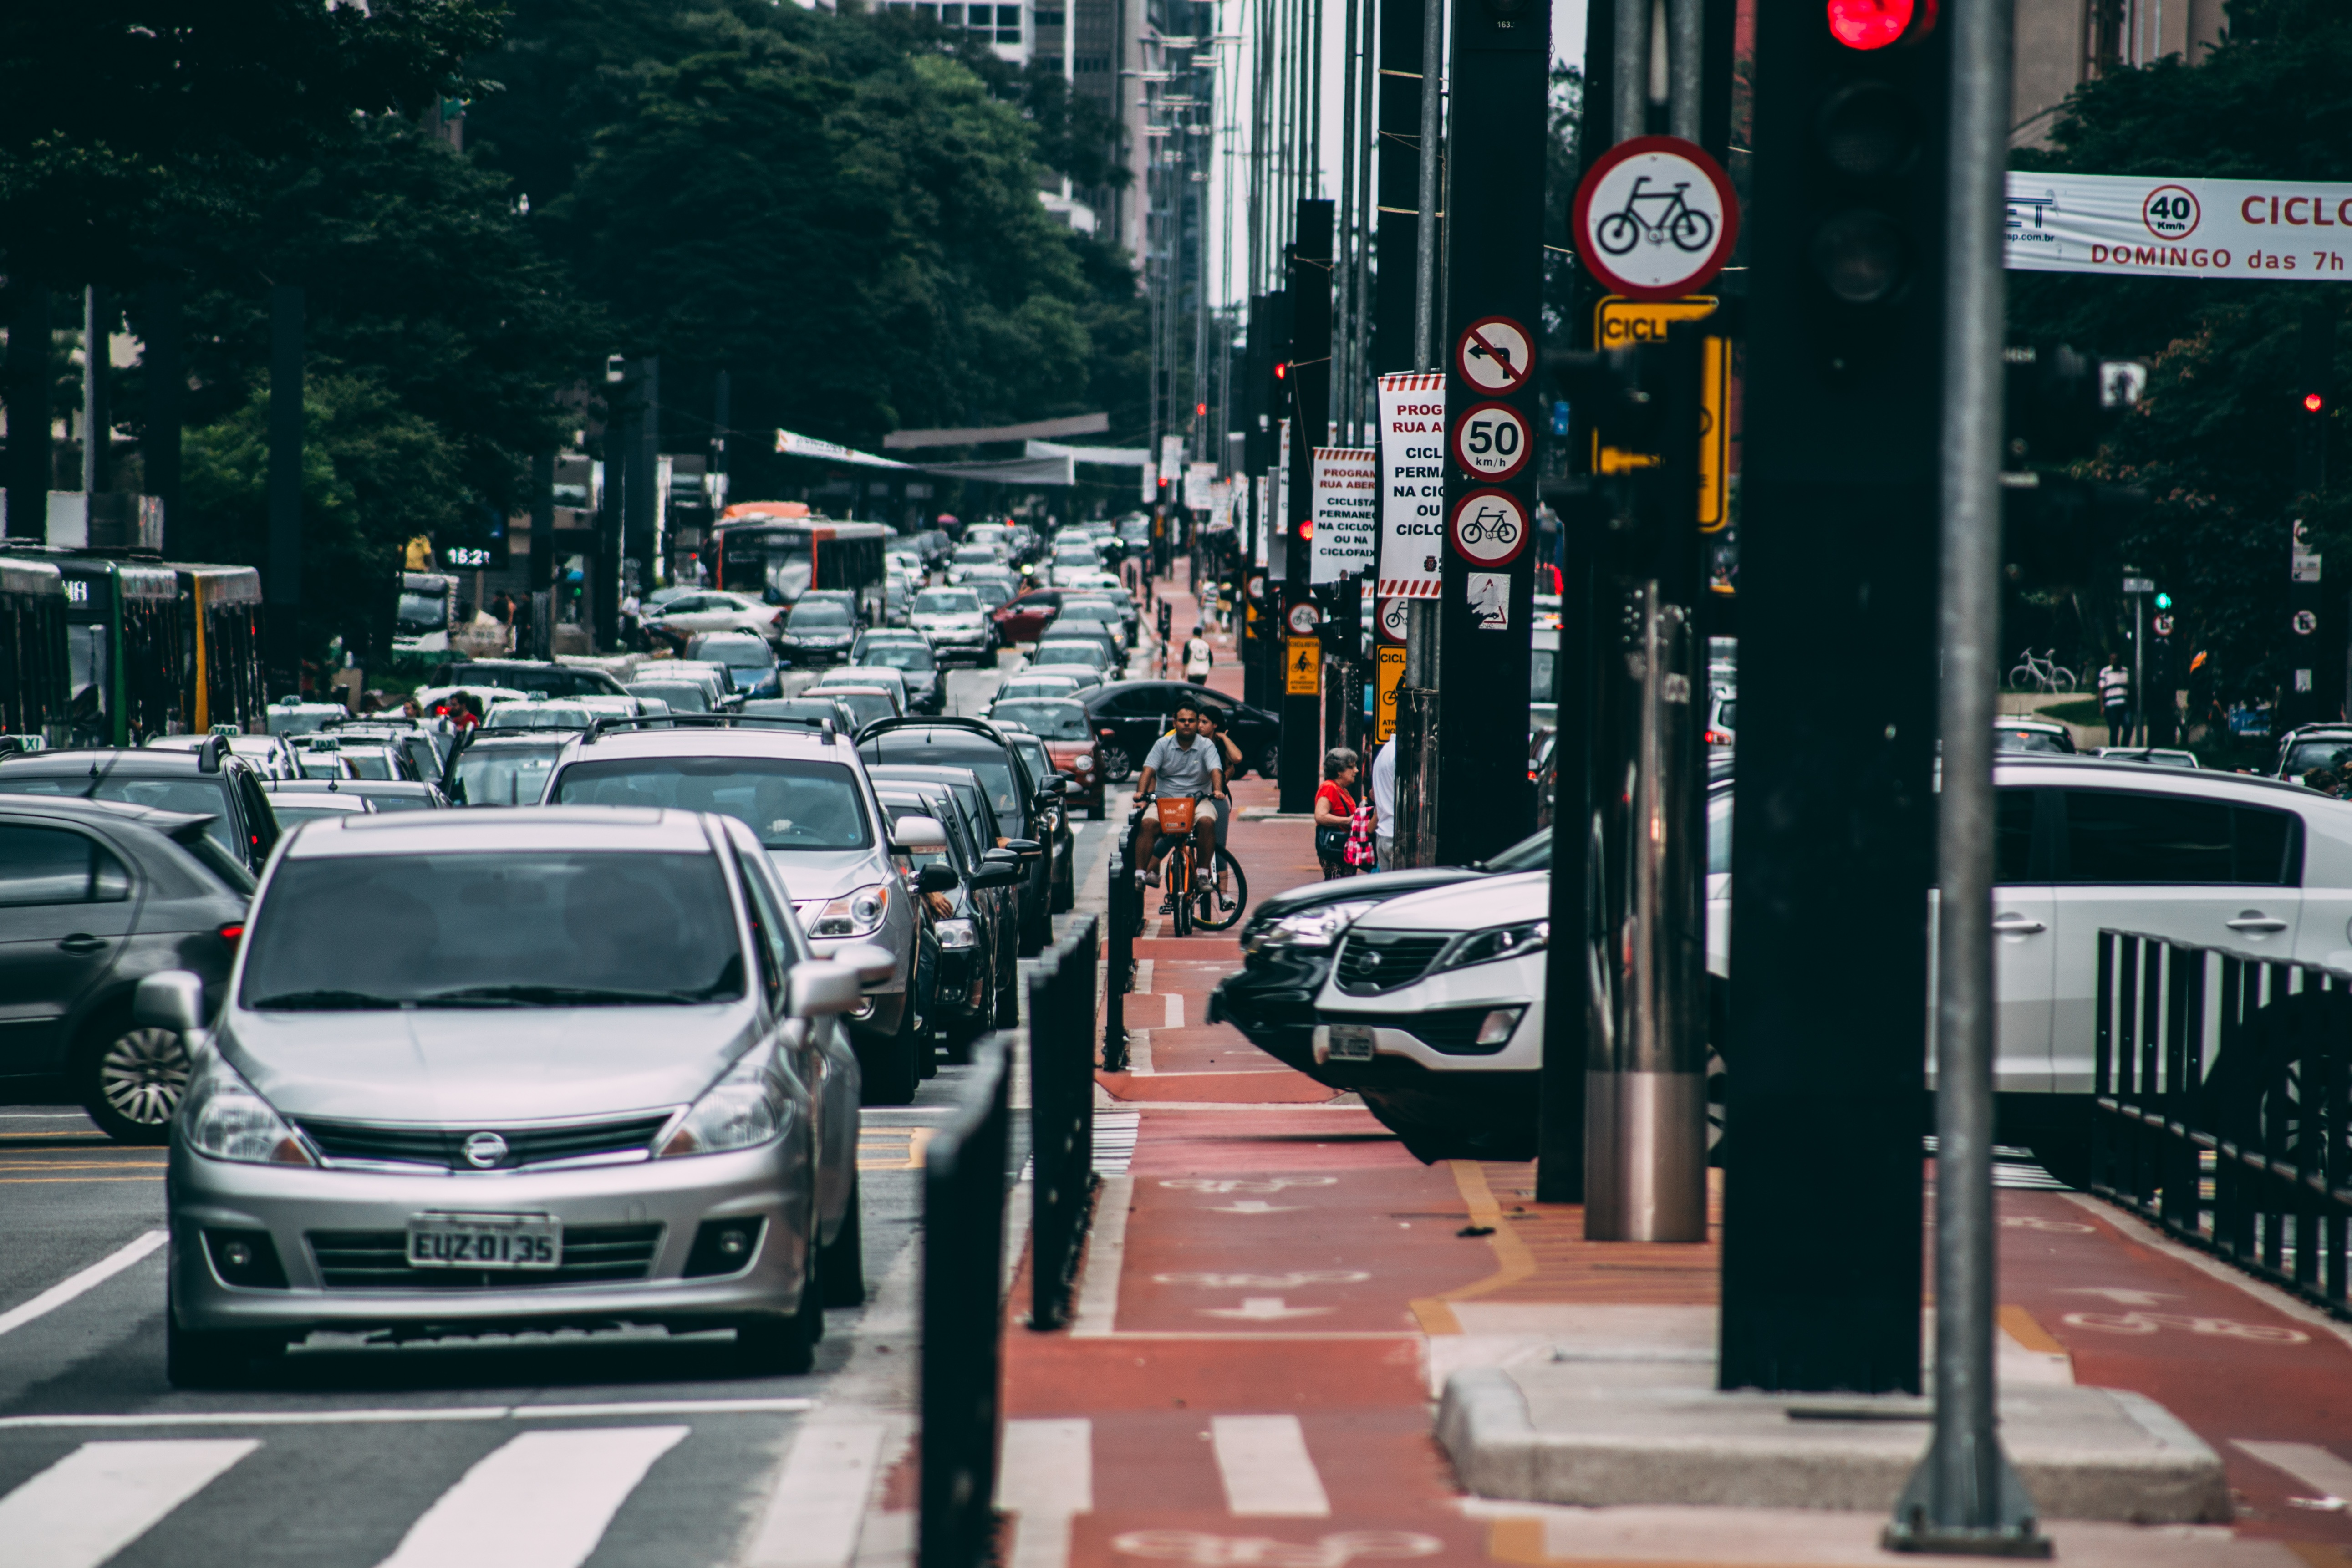 Turiúba - São Paulo